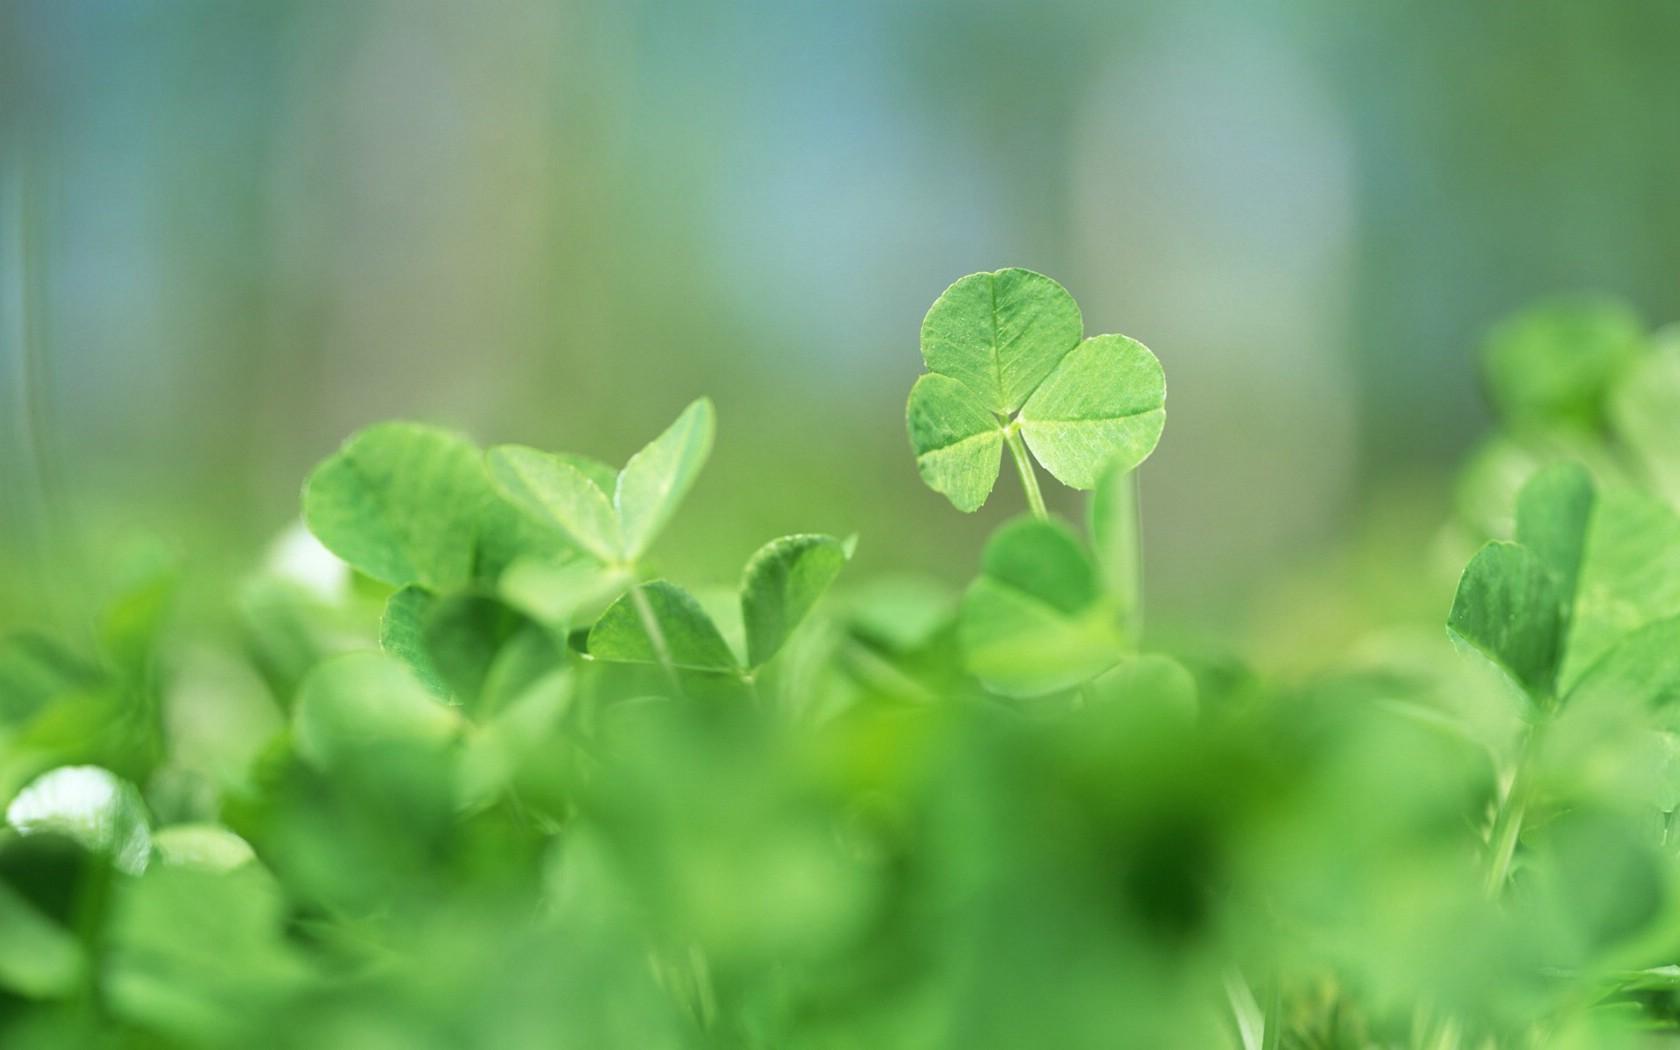 清新绿色田园壁纸